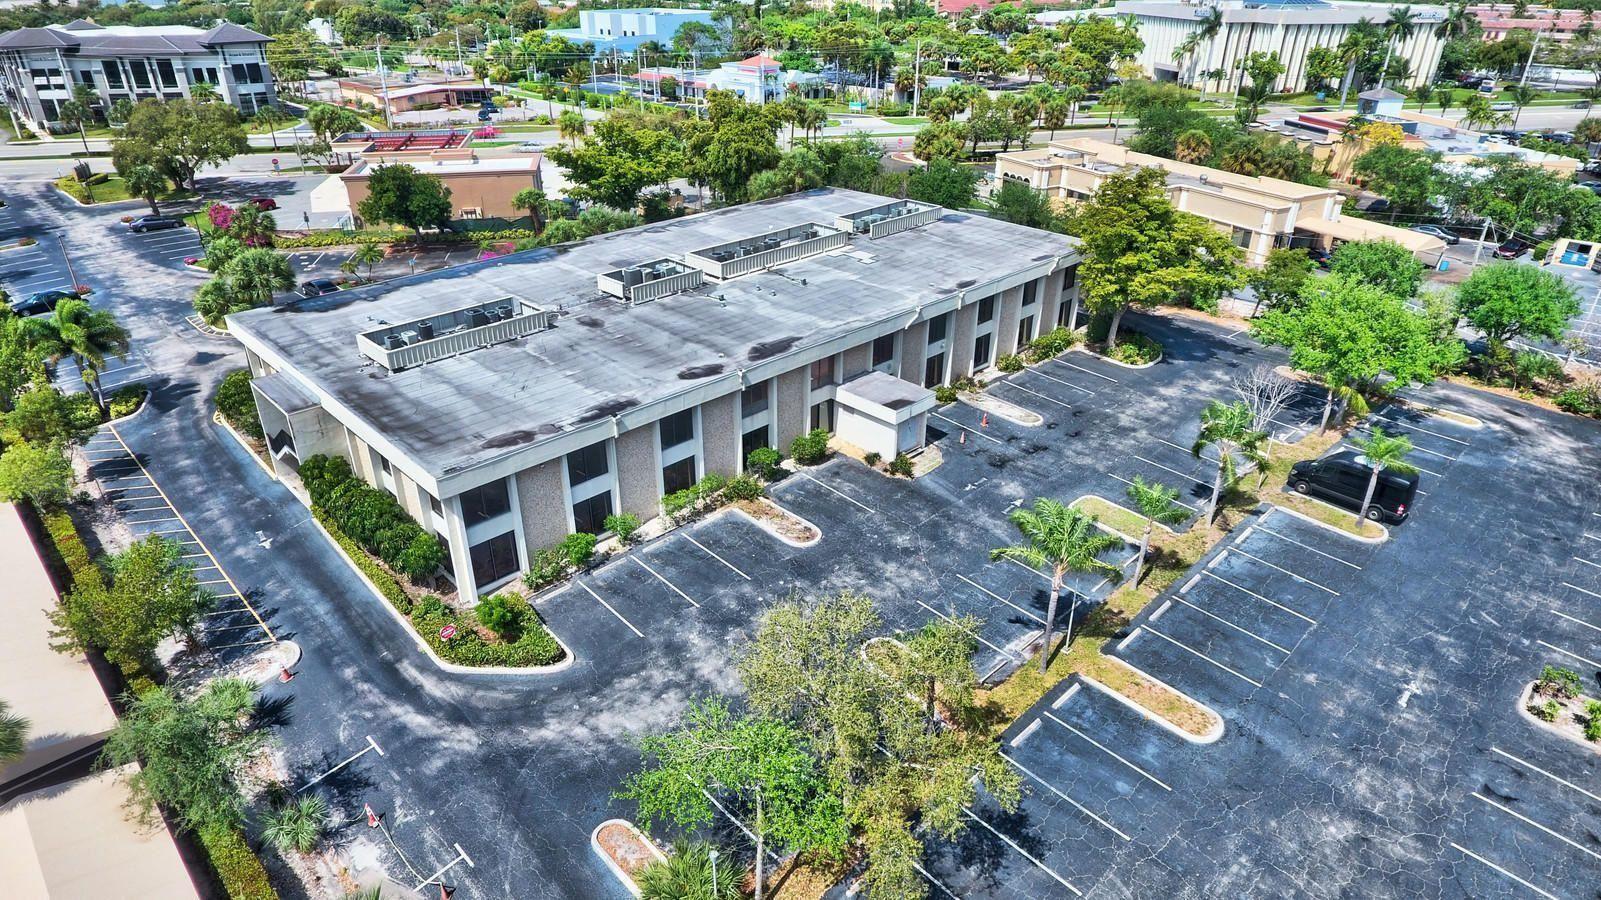 Photo of 1300 N Federal Highway #103-104, Boca Raton, FL 33432 (MLS # RX-10724438)